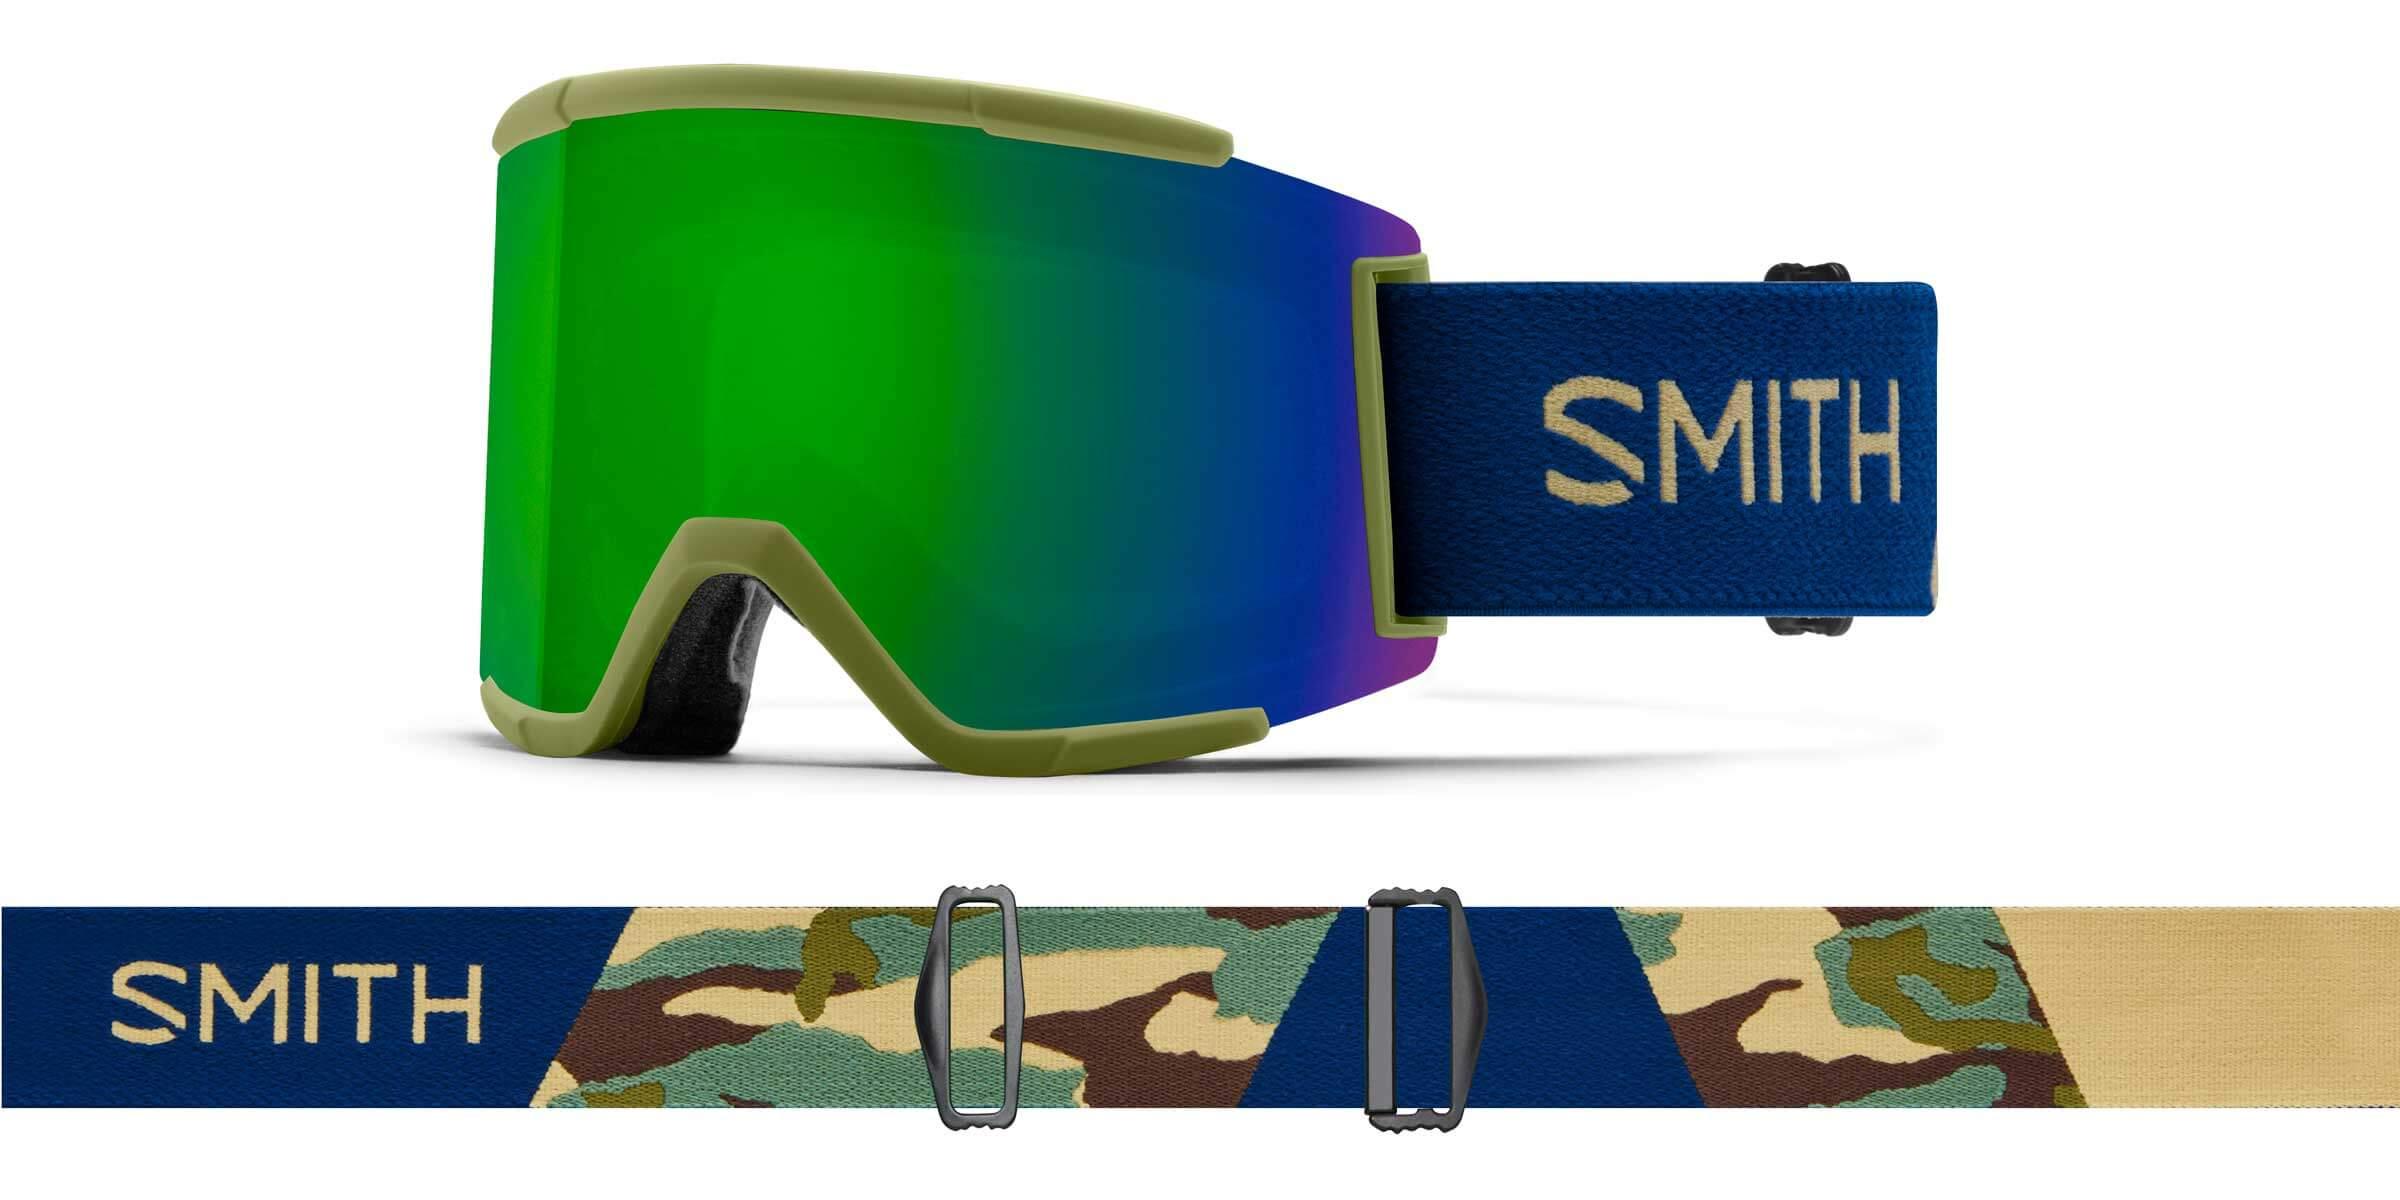 SMITH1718_CAMOSPLIT_2400X1200